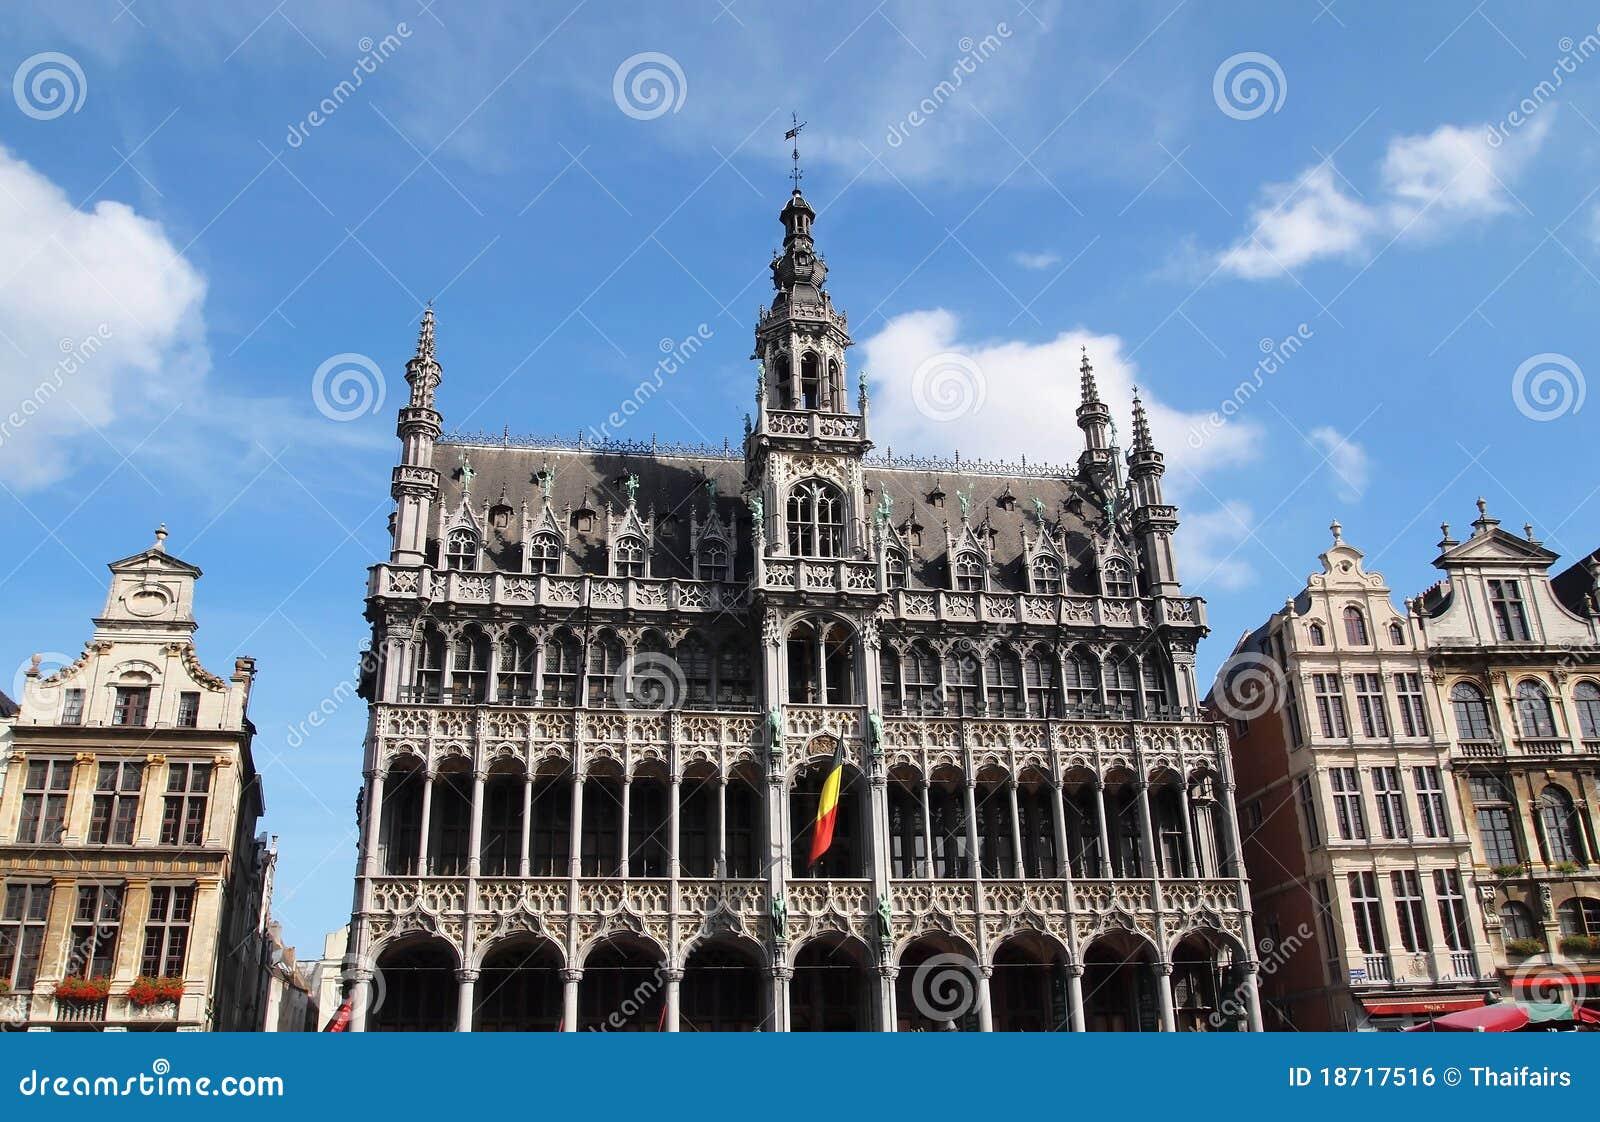 Het huis van de koning op de grote plaats brussel belgi royalty vrije stock afbeelding - Huis van de cabriolet ...